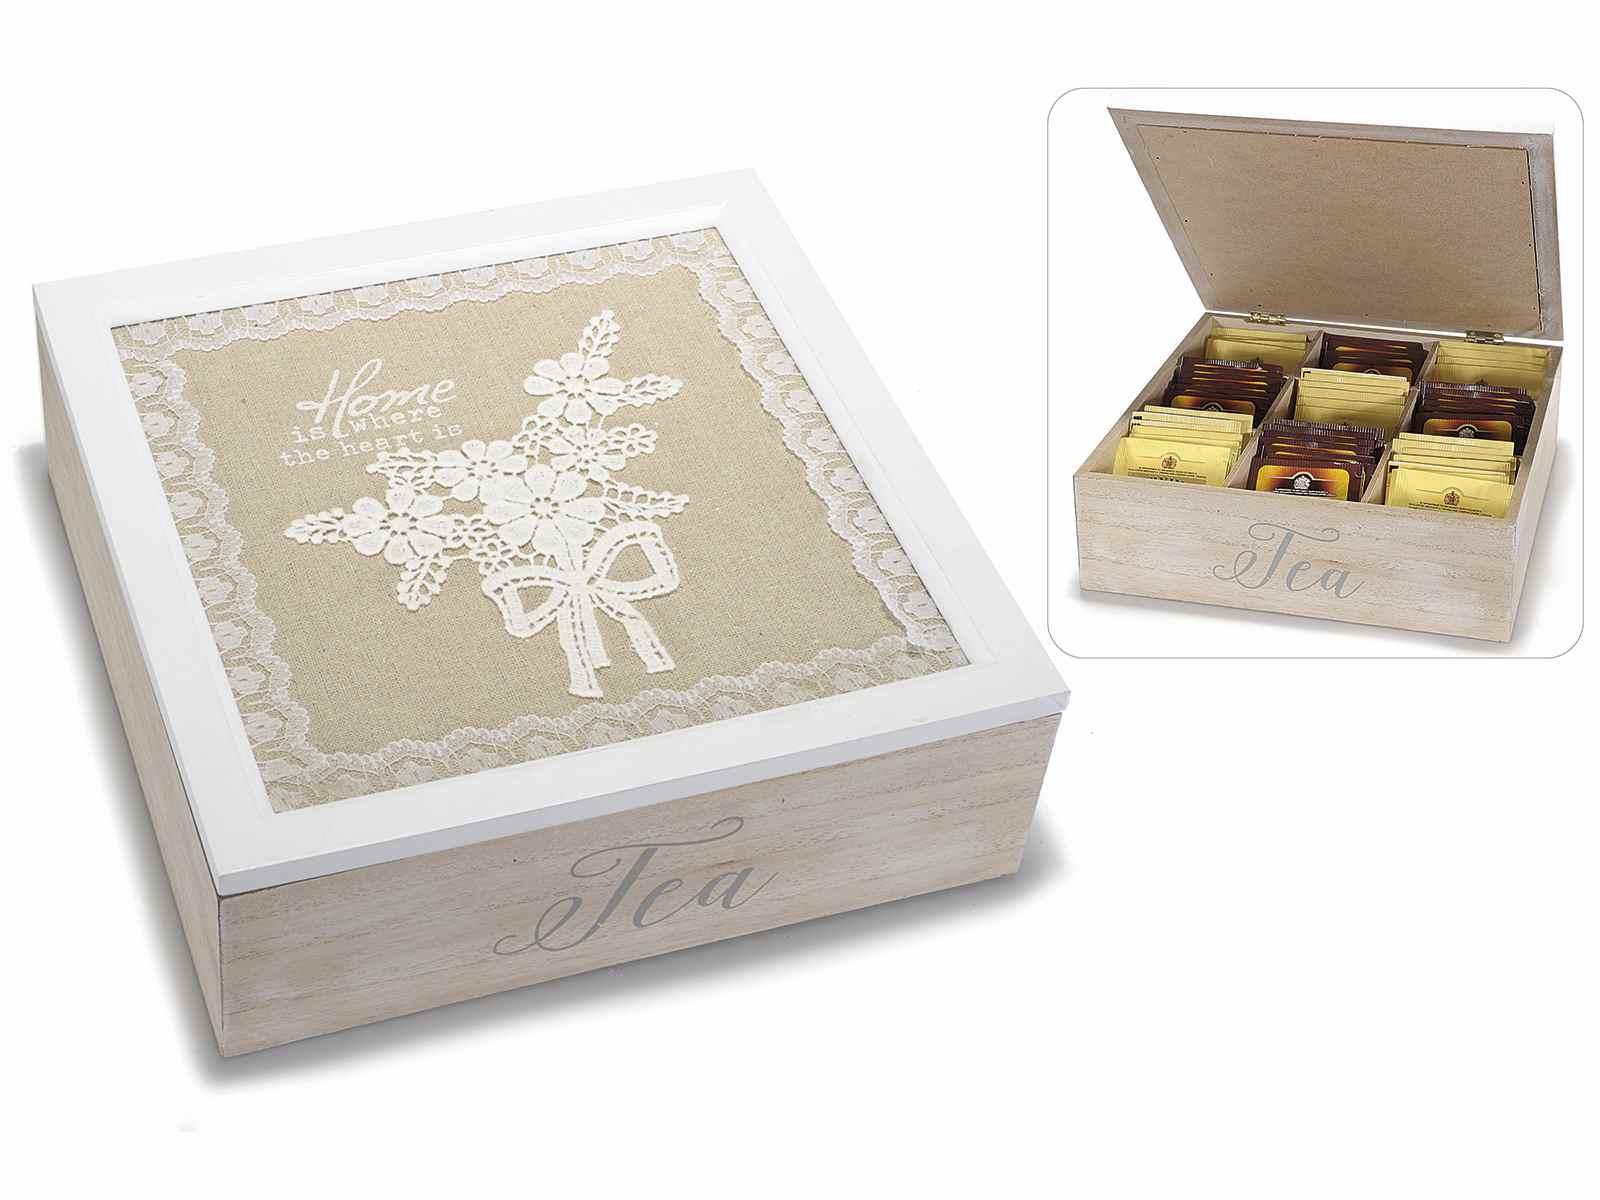 Antica soffitta scatola porta t tea legno 9 scomparti - Scatole porta viti ...